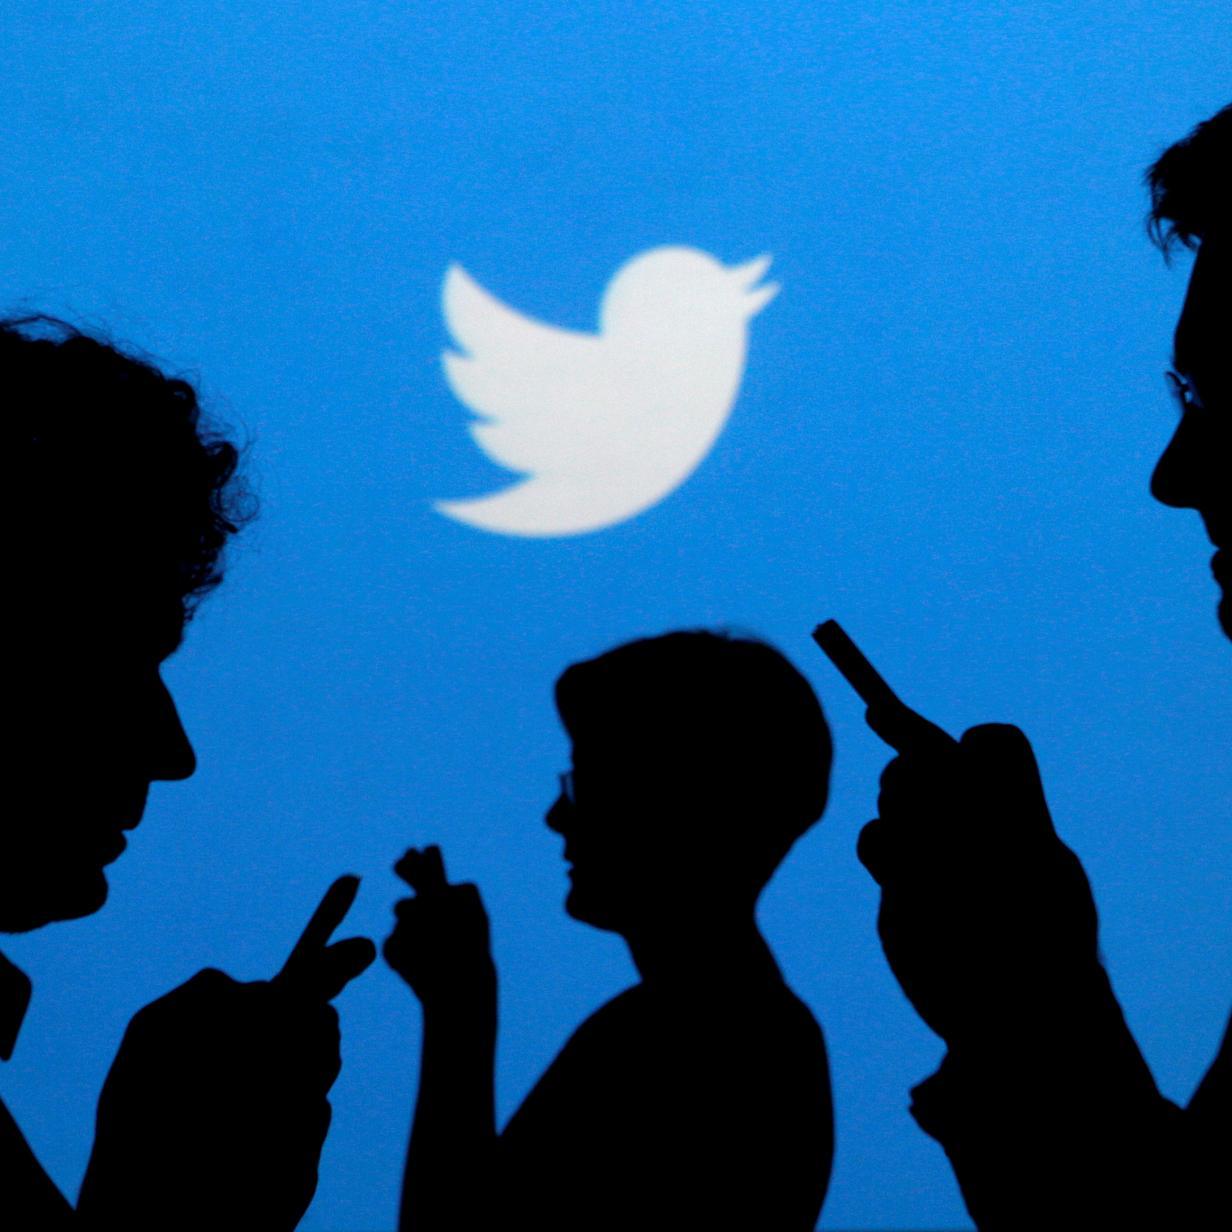 Technische Probleme bei Twitter: Tweets werden offenbar nicht geladen